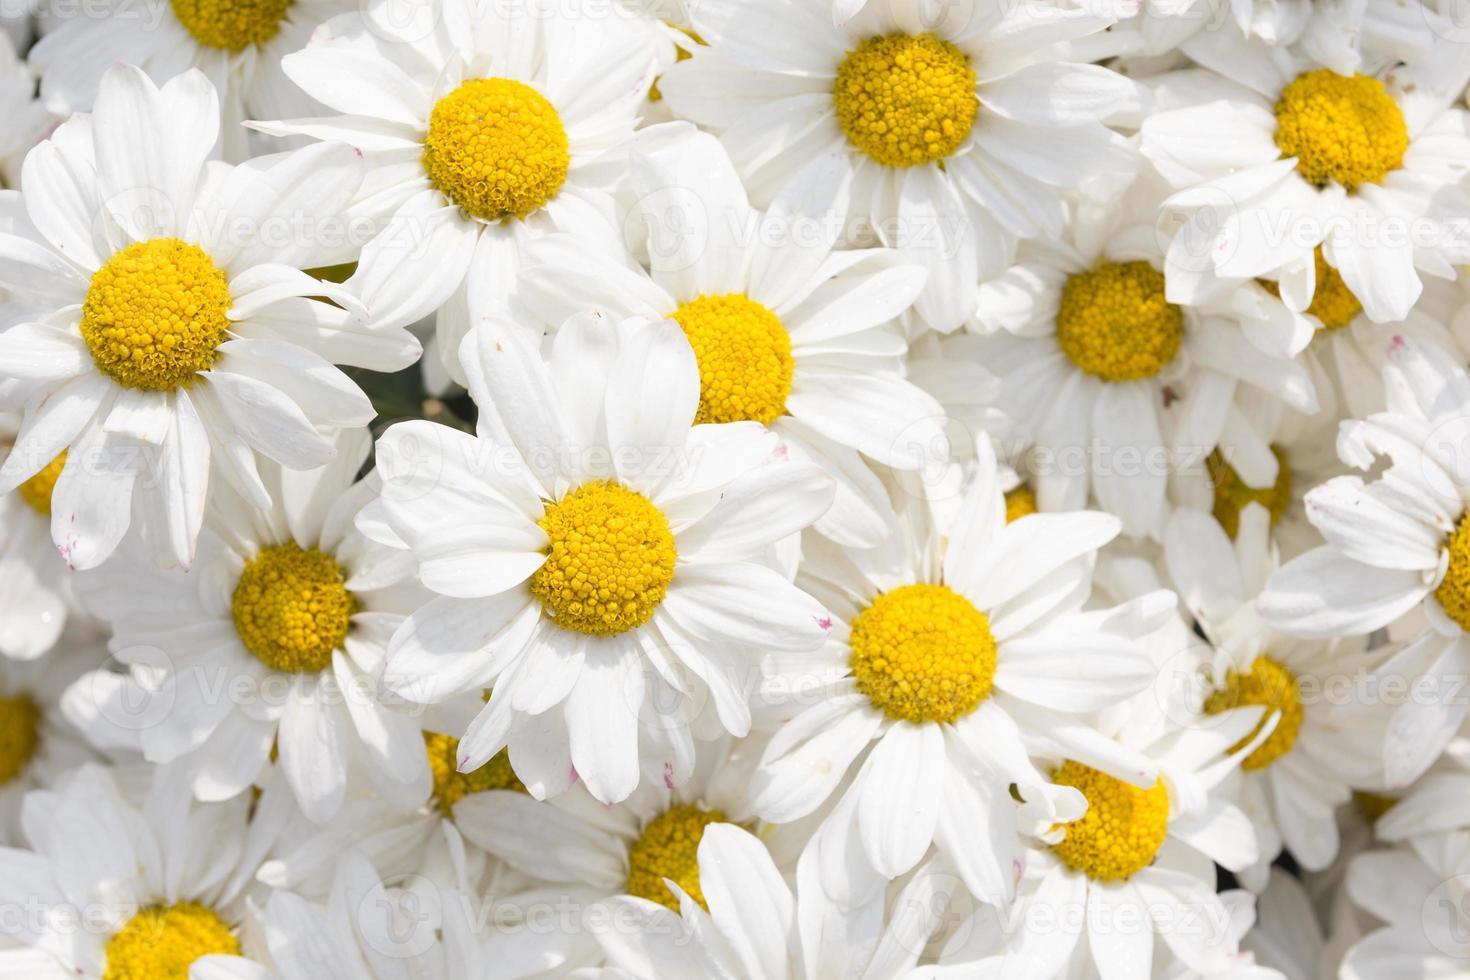 fiore di crisantemo bianco foto